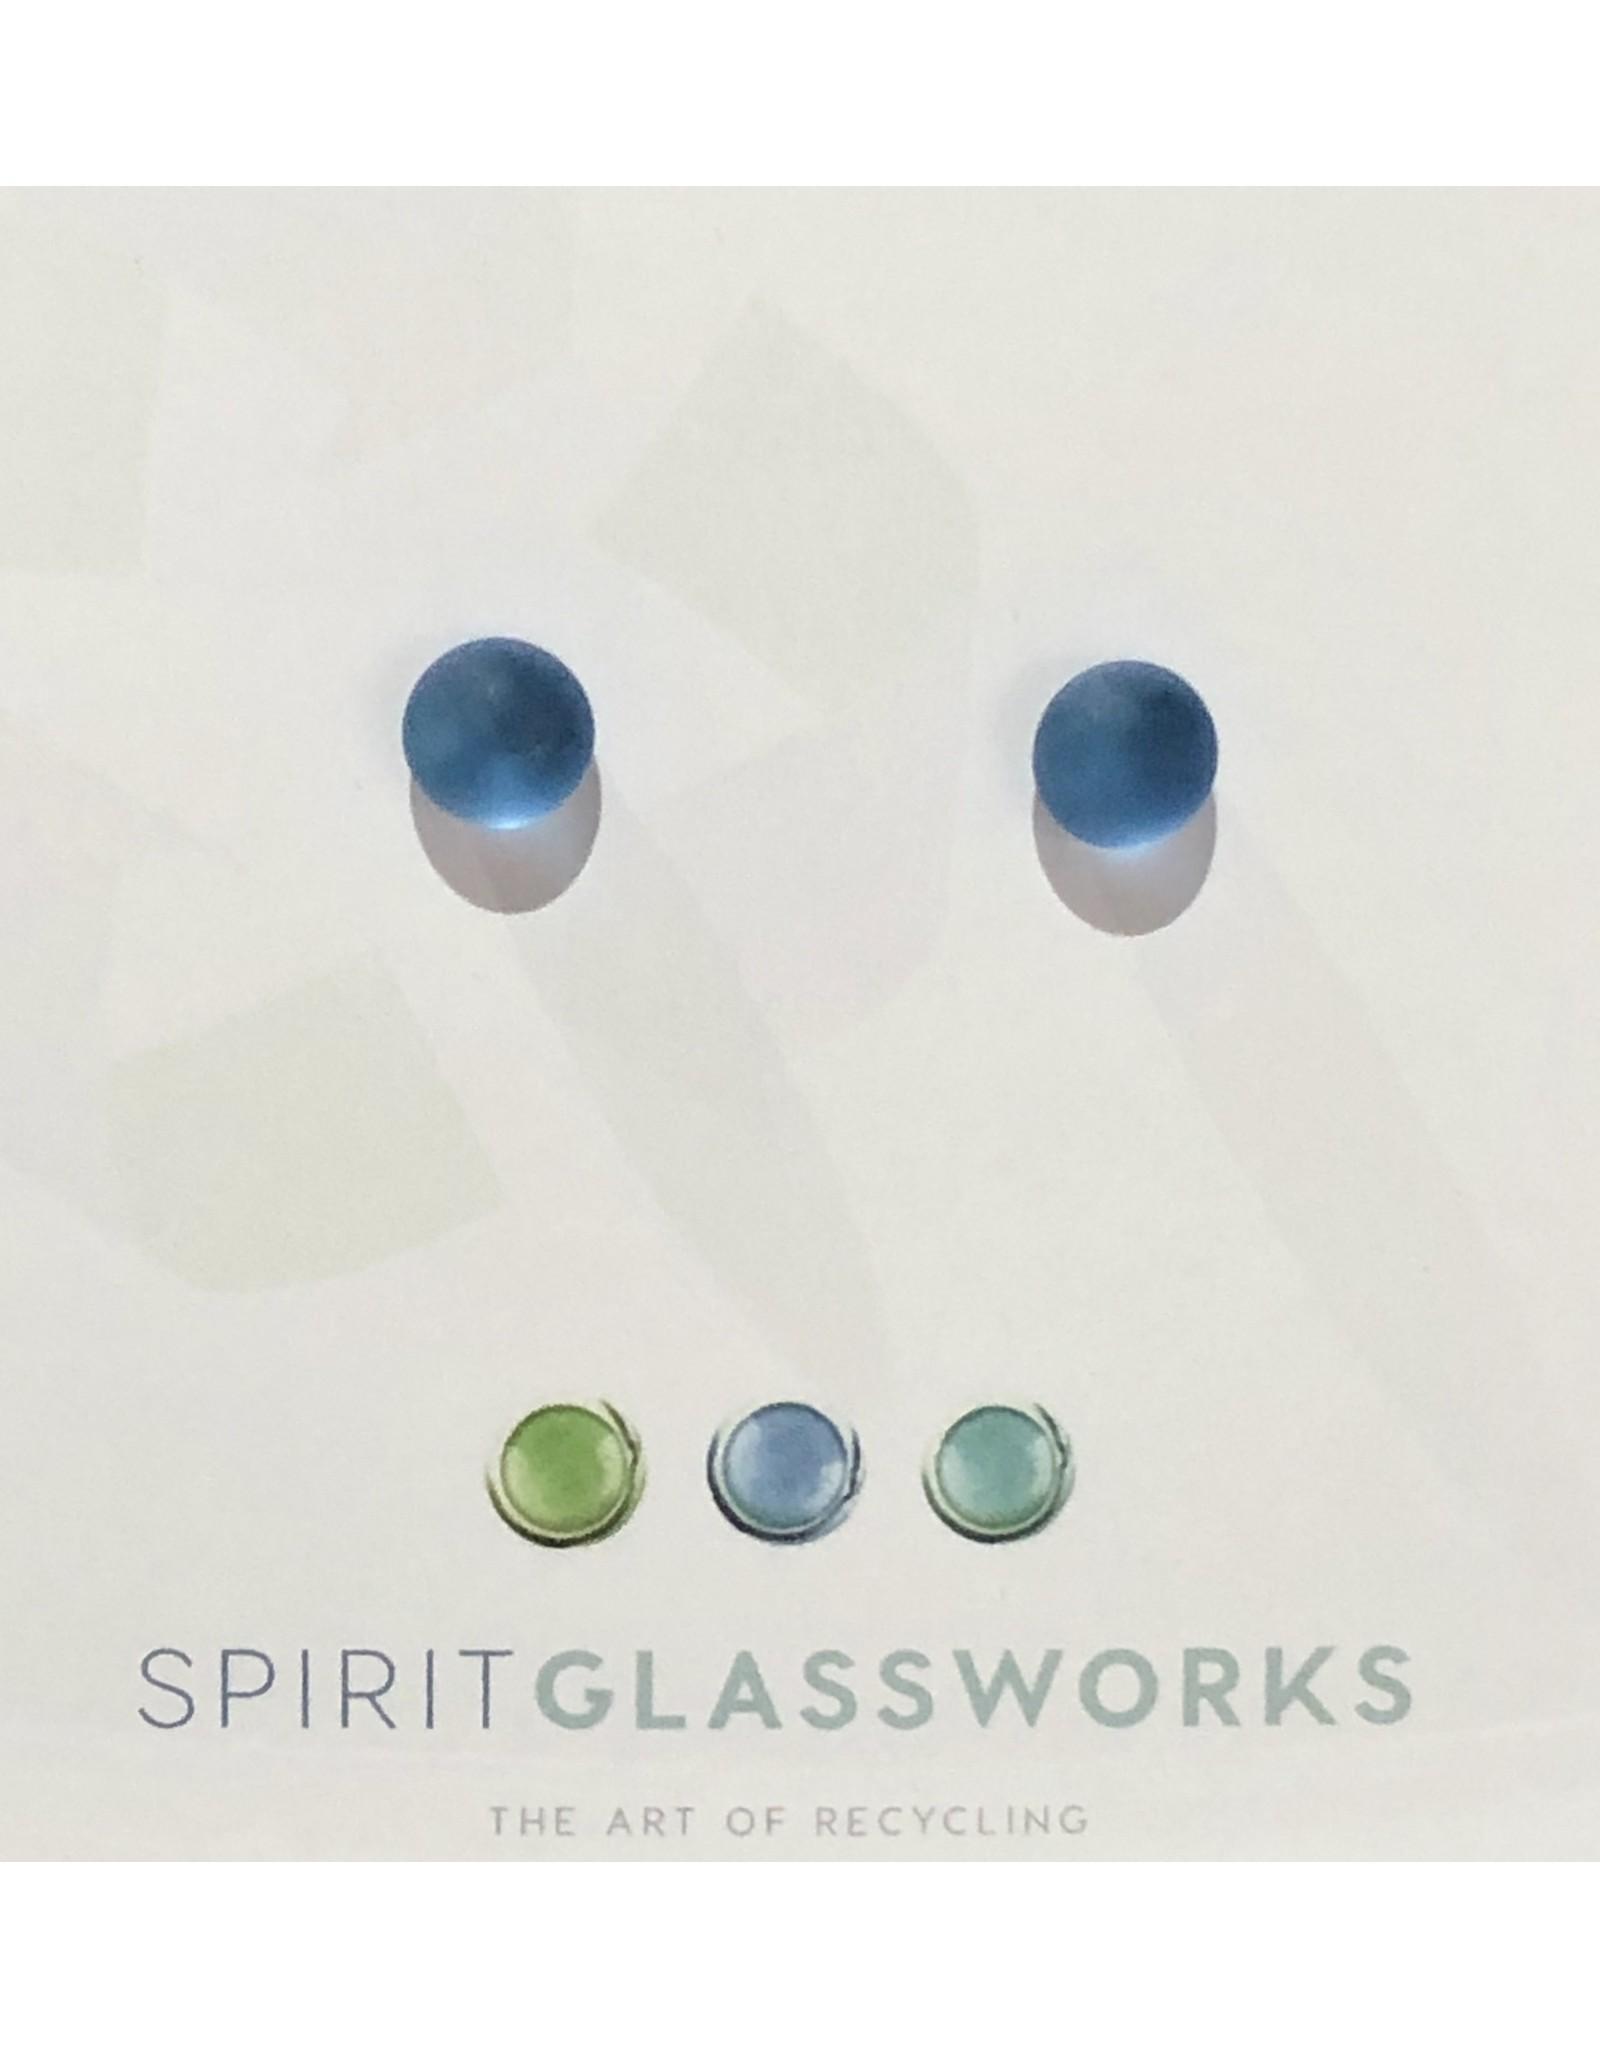 Spirit Glassworks EARRINGS (Post Stud, Recycled Glass Bottles, MELW)